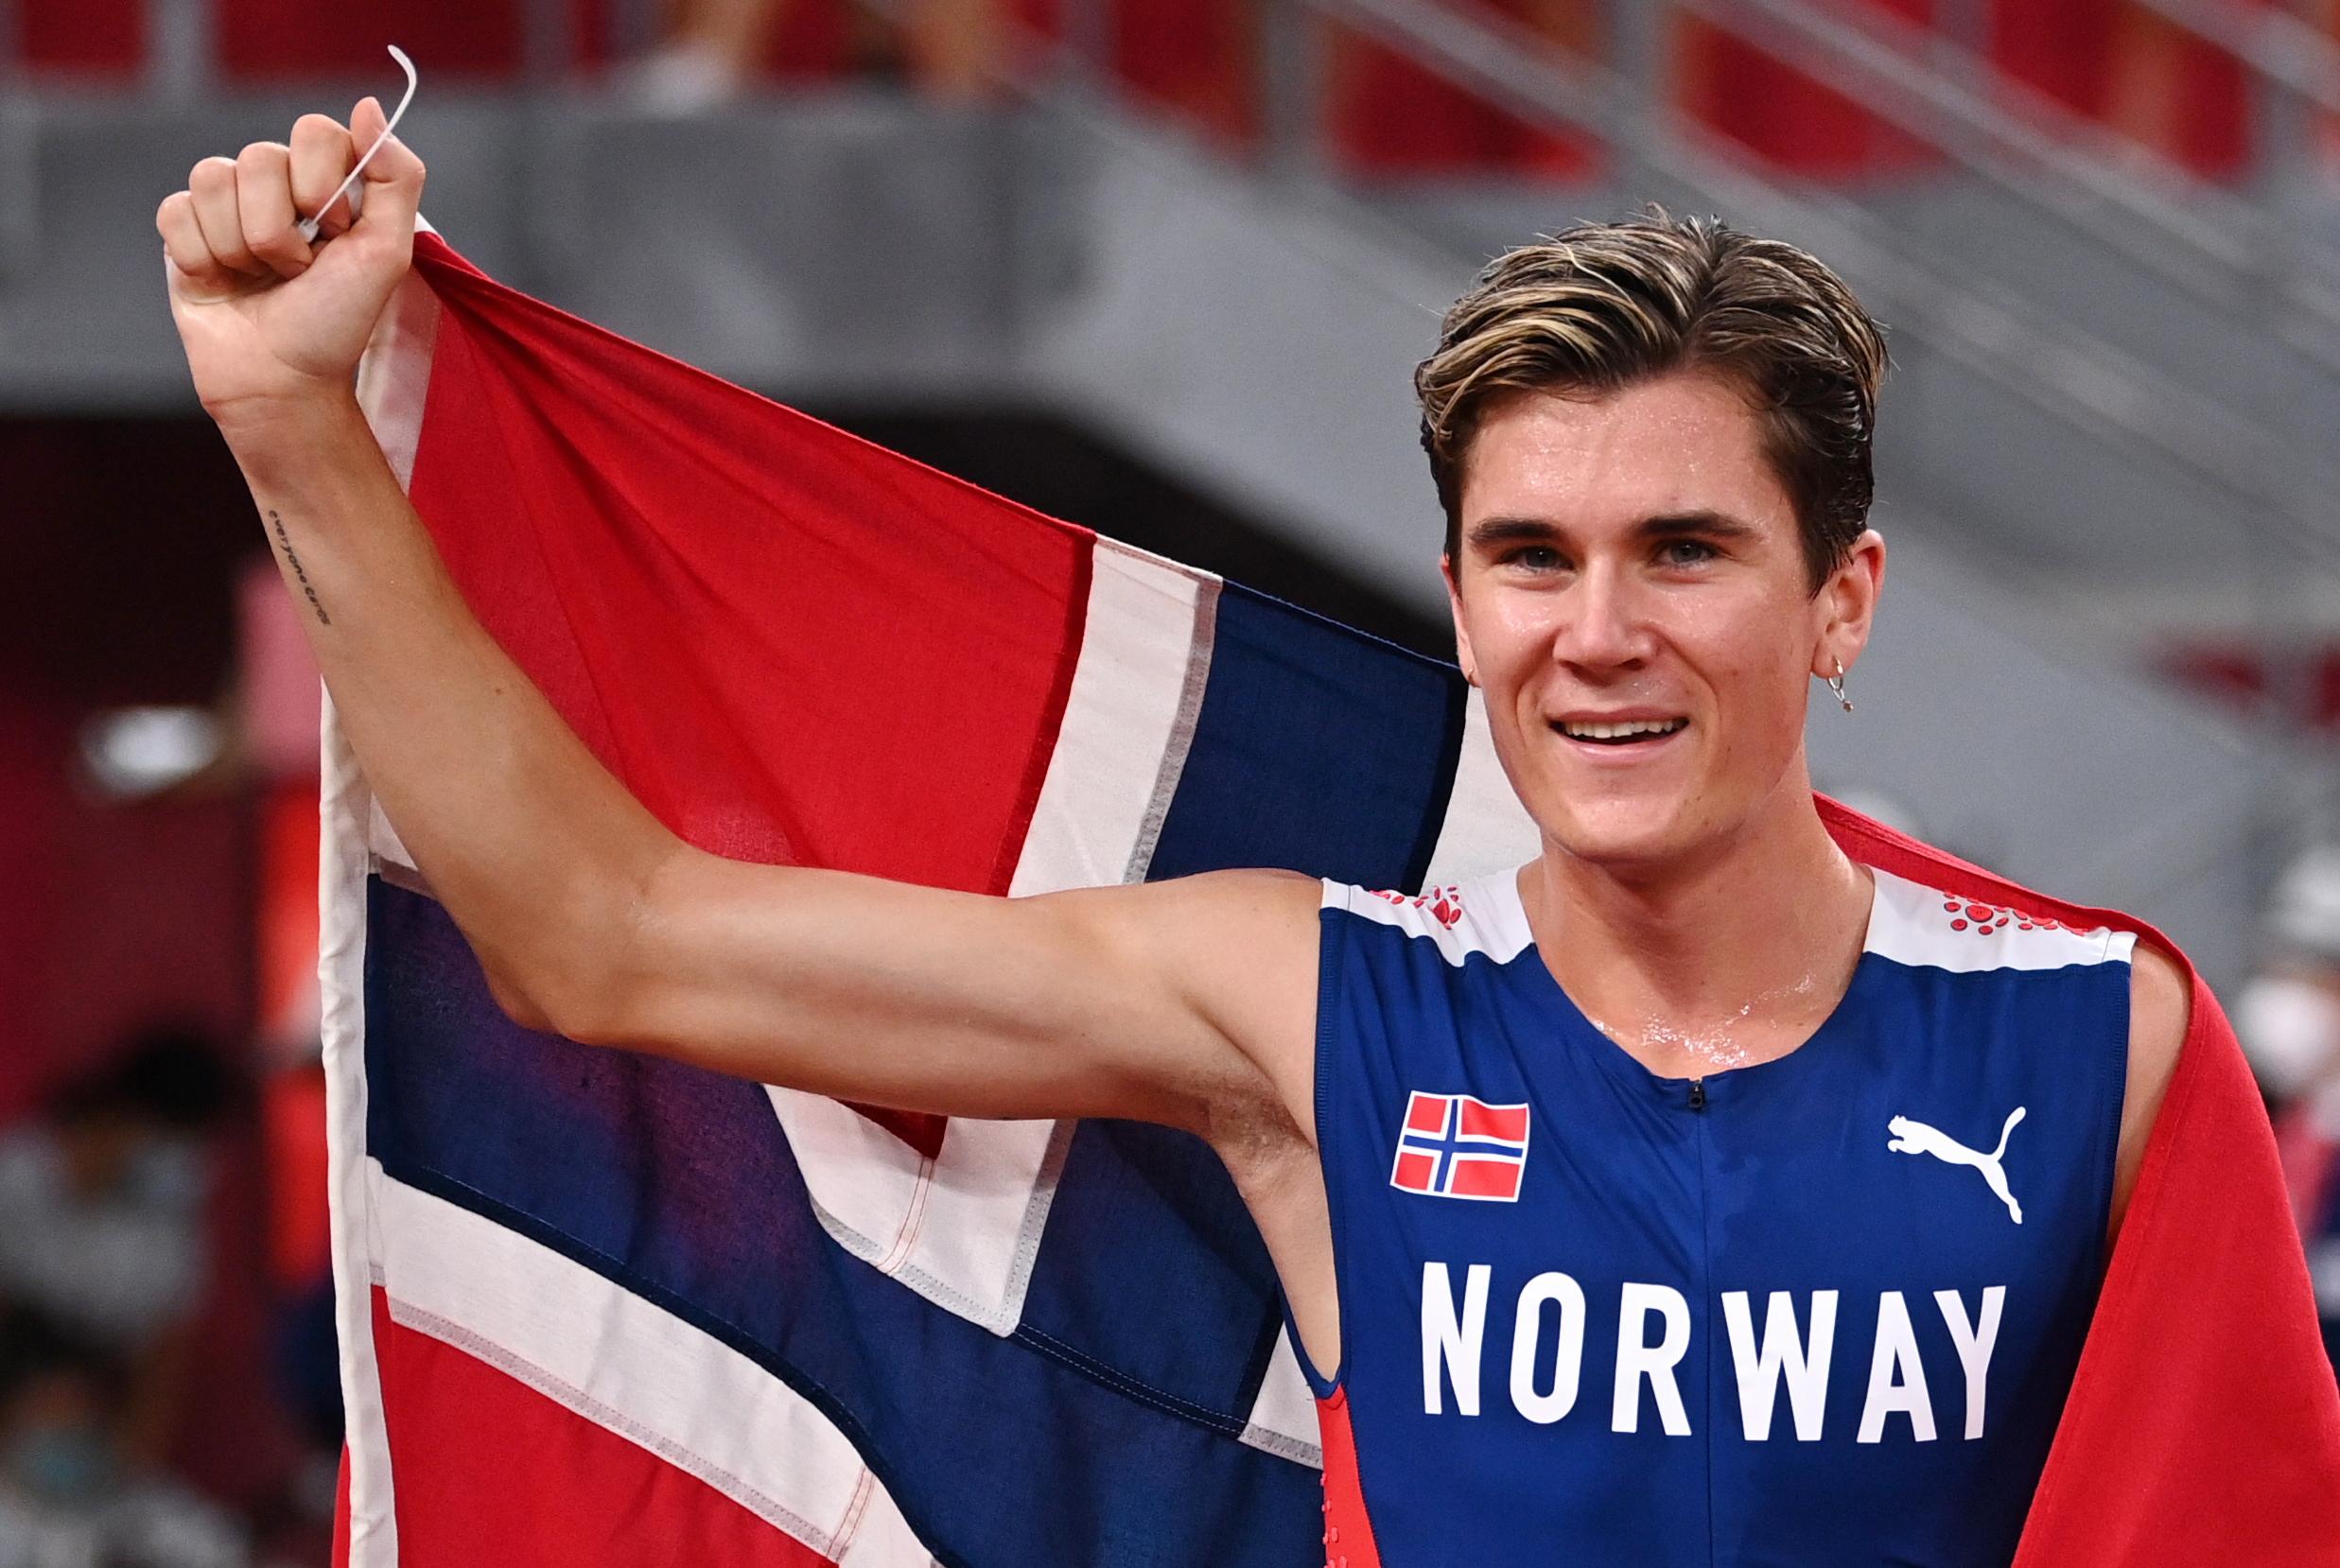 Ολυμπιακοί Αγώνες: Έγραψε ιστορία ο «χρυσός» Ινγέμπριγκτσεν στα 1500 μ.